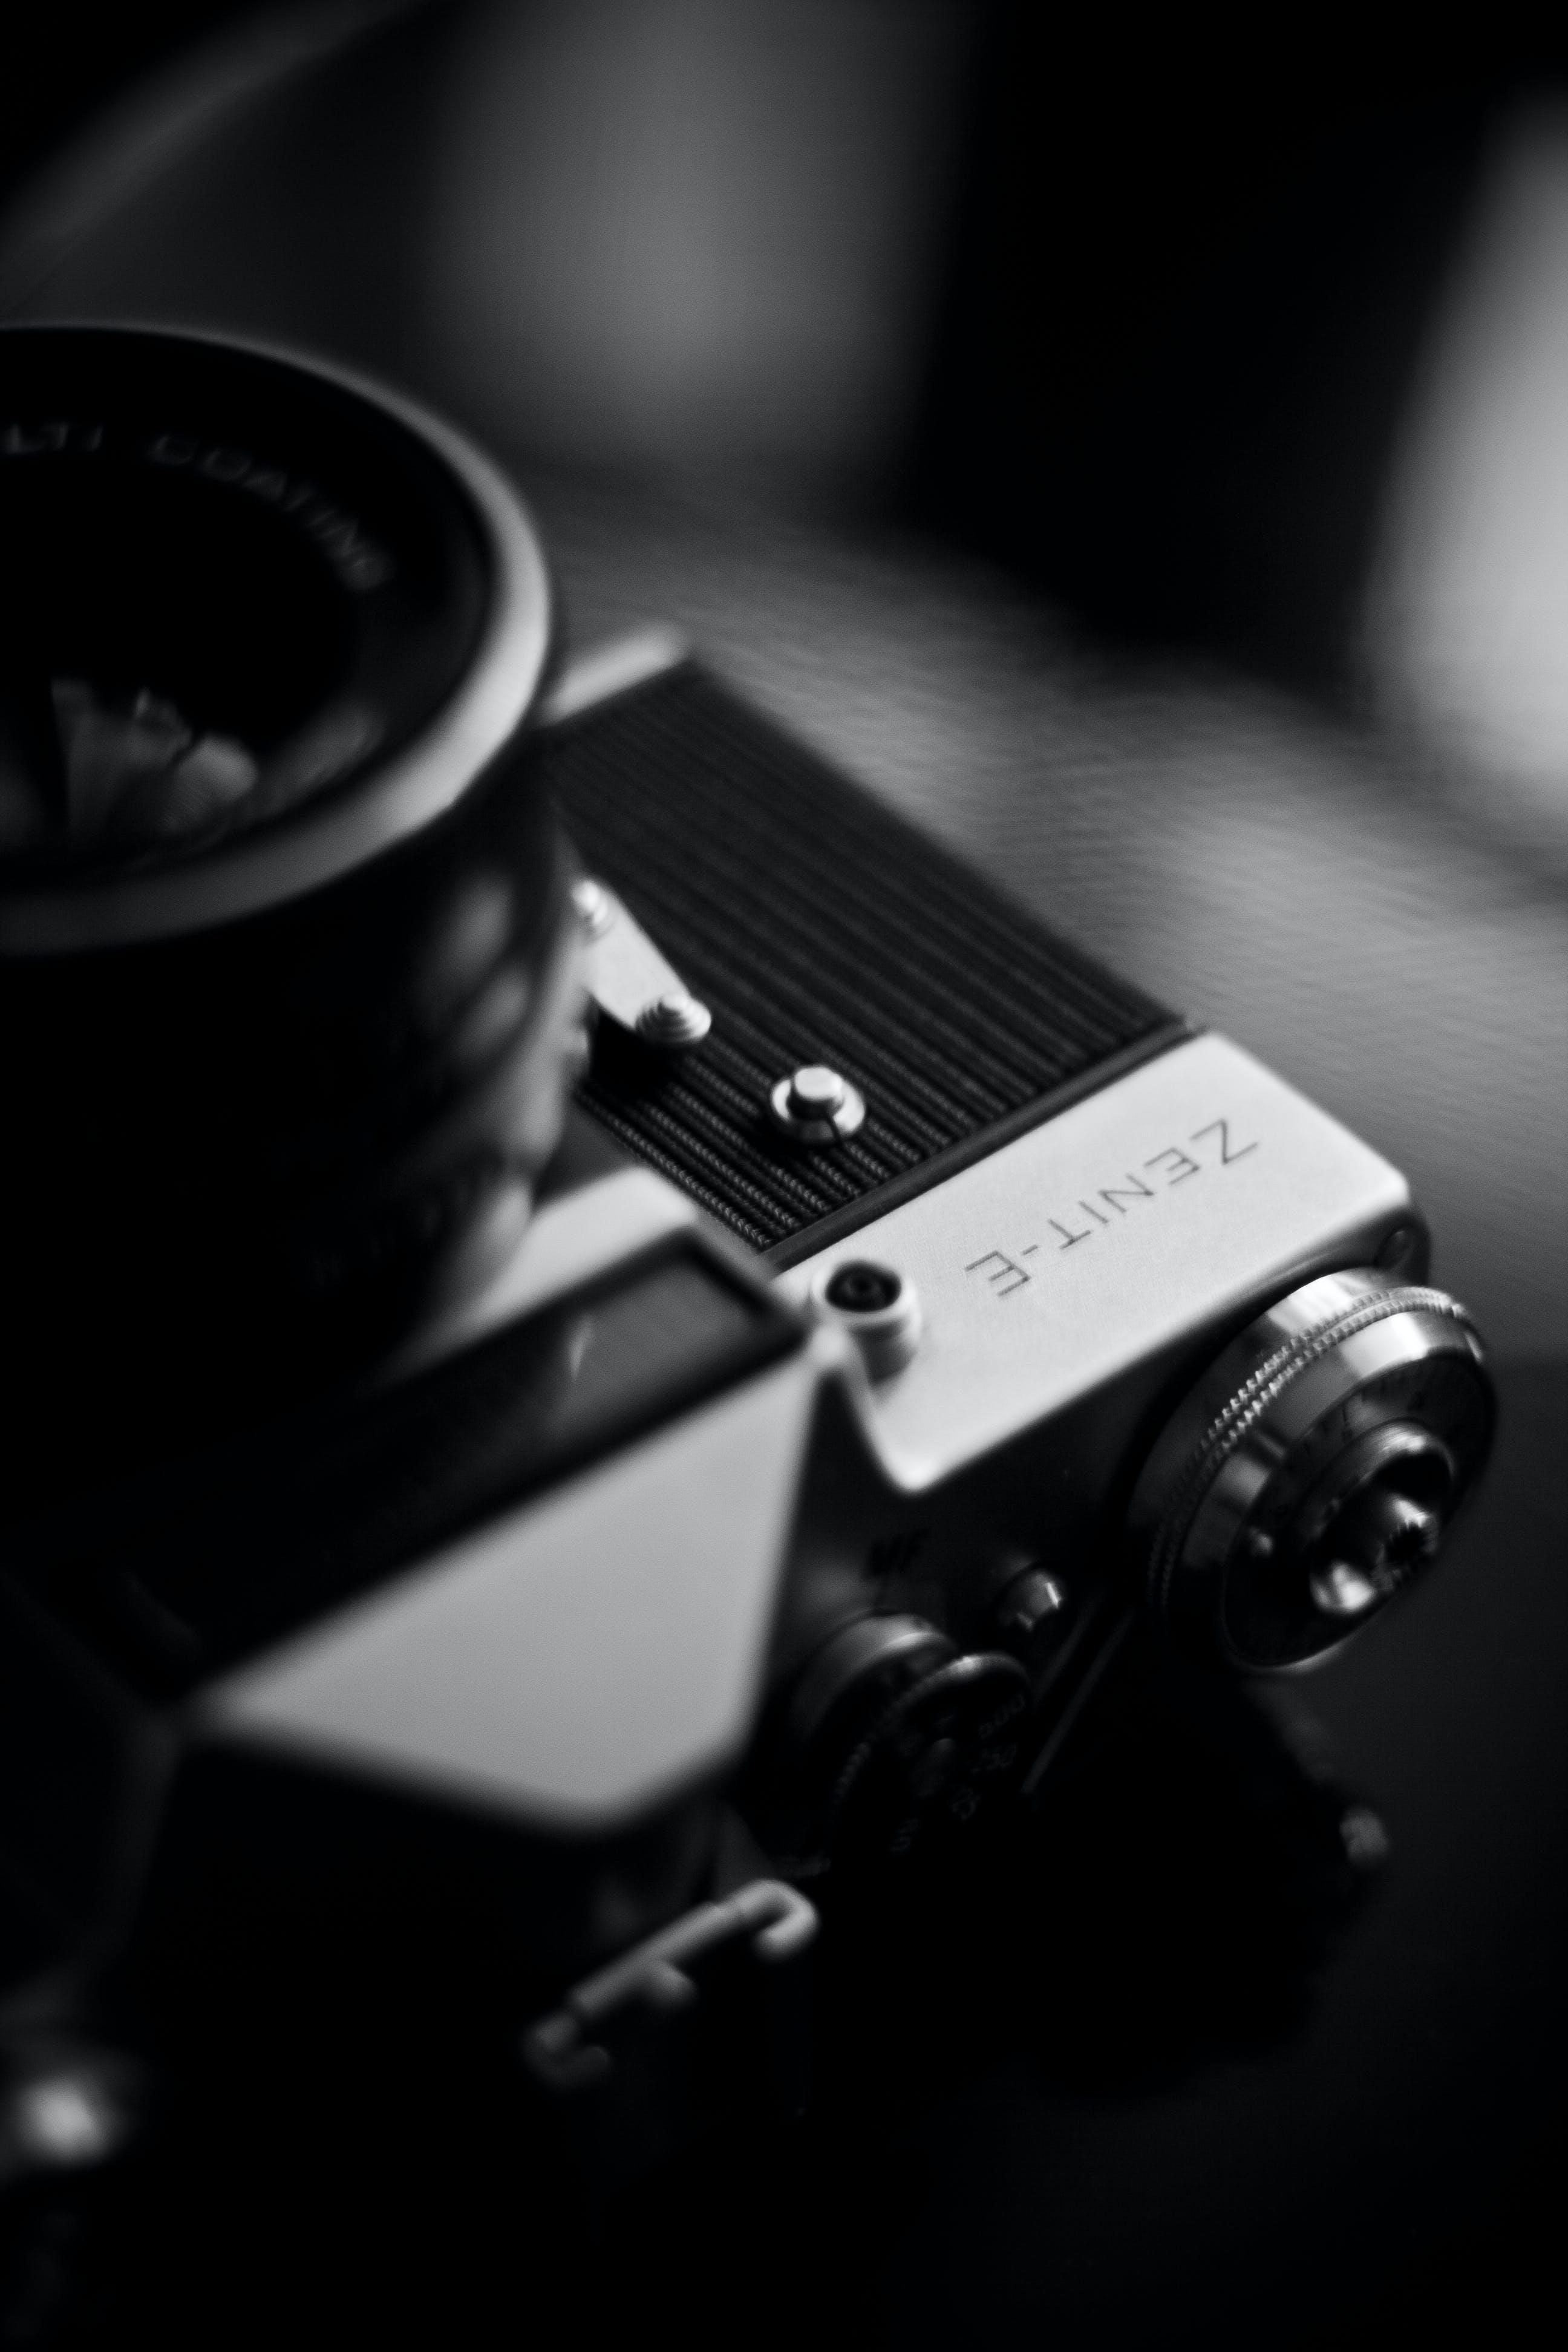 Kostenloses Stock Foto zu fotografie, kamera, schwarz und weiß, vintage